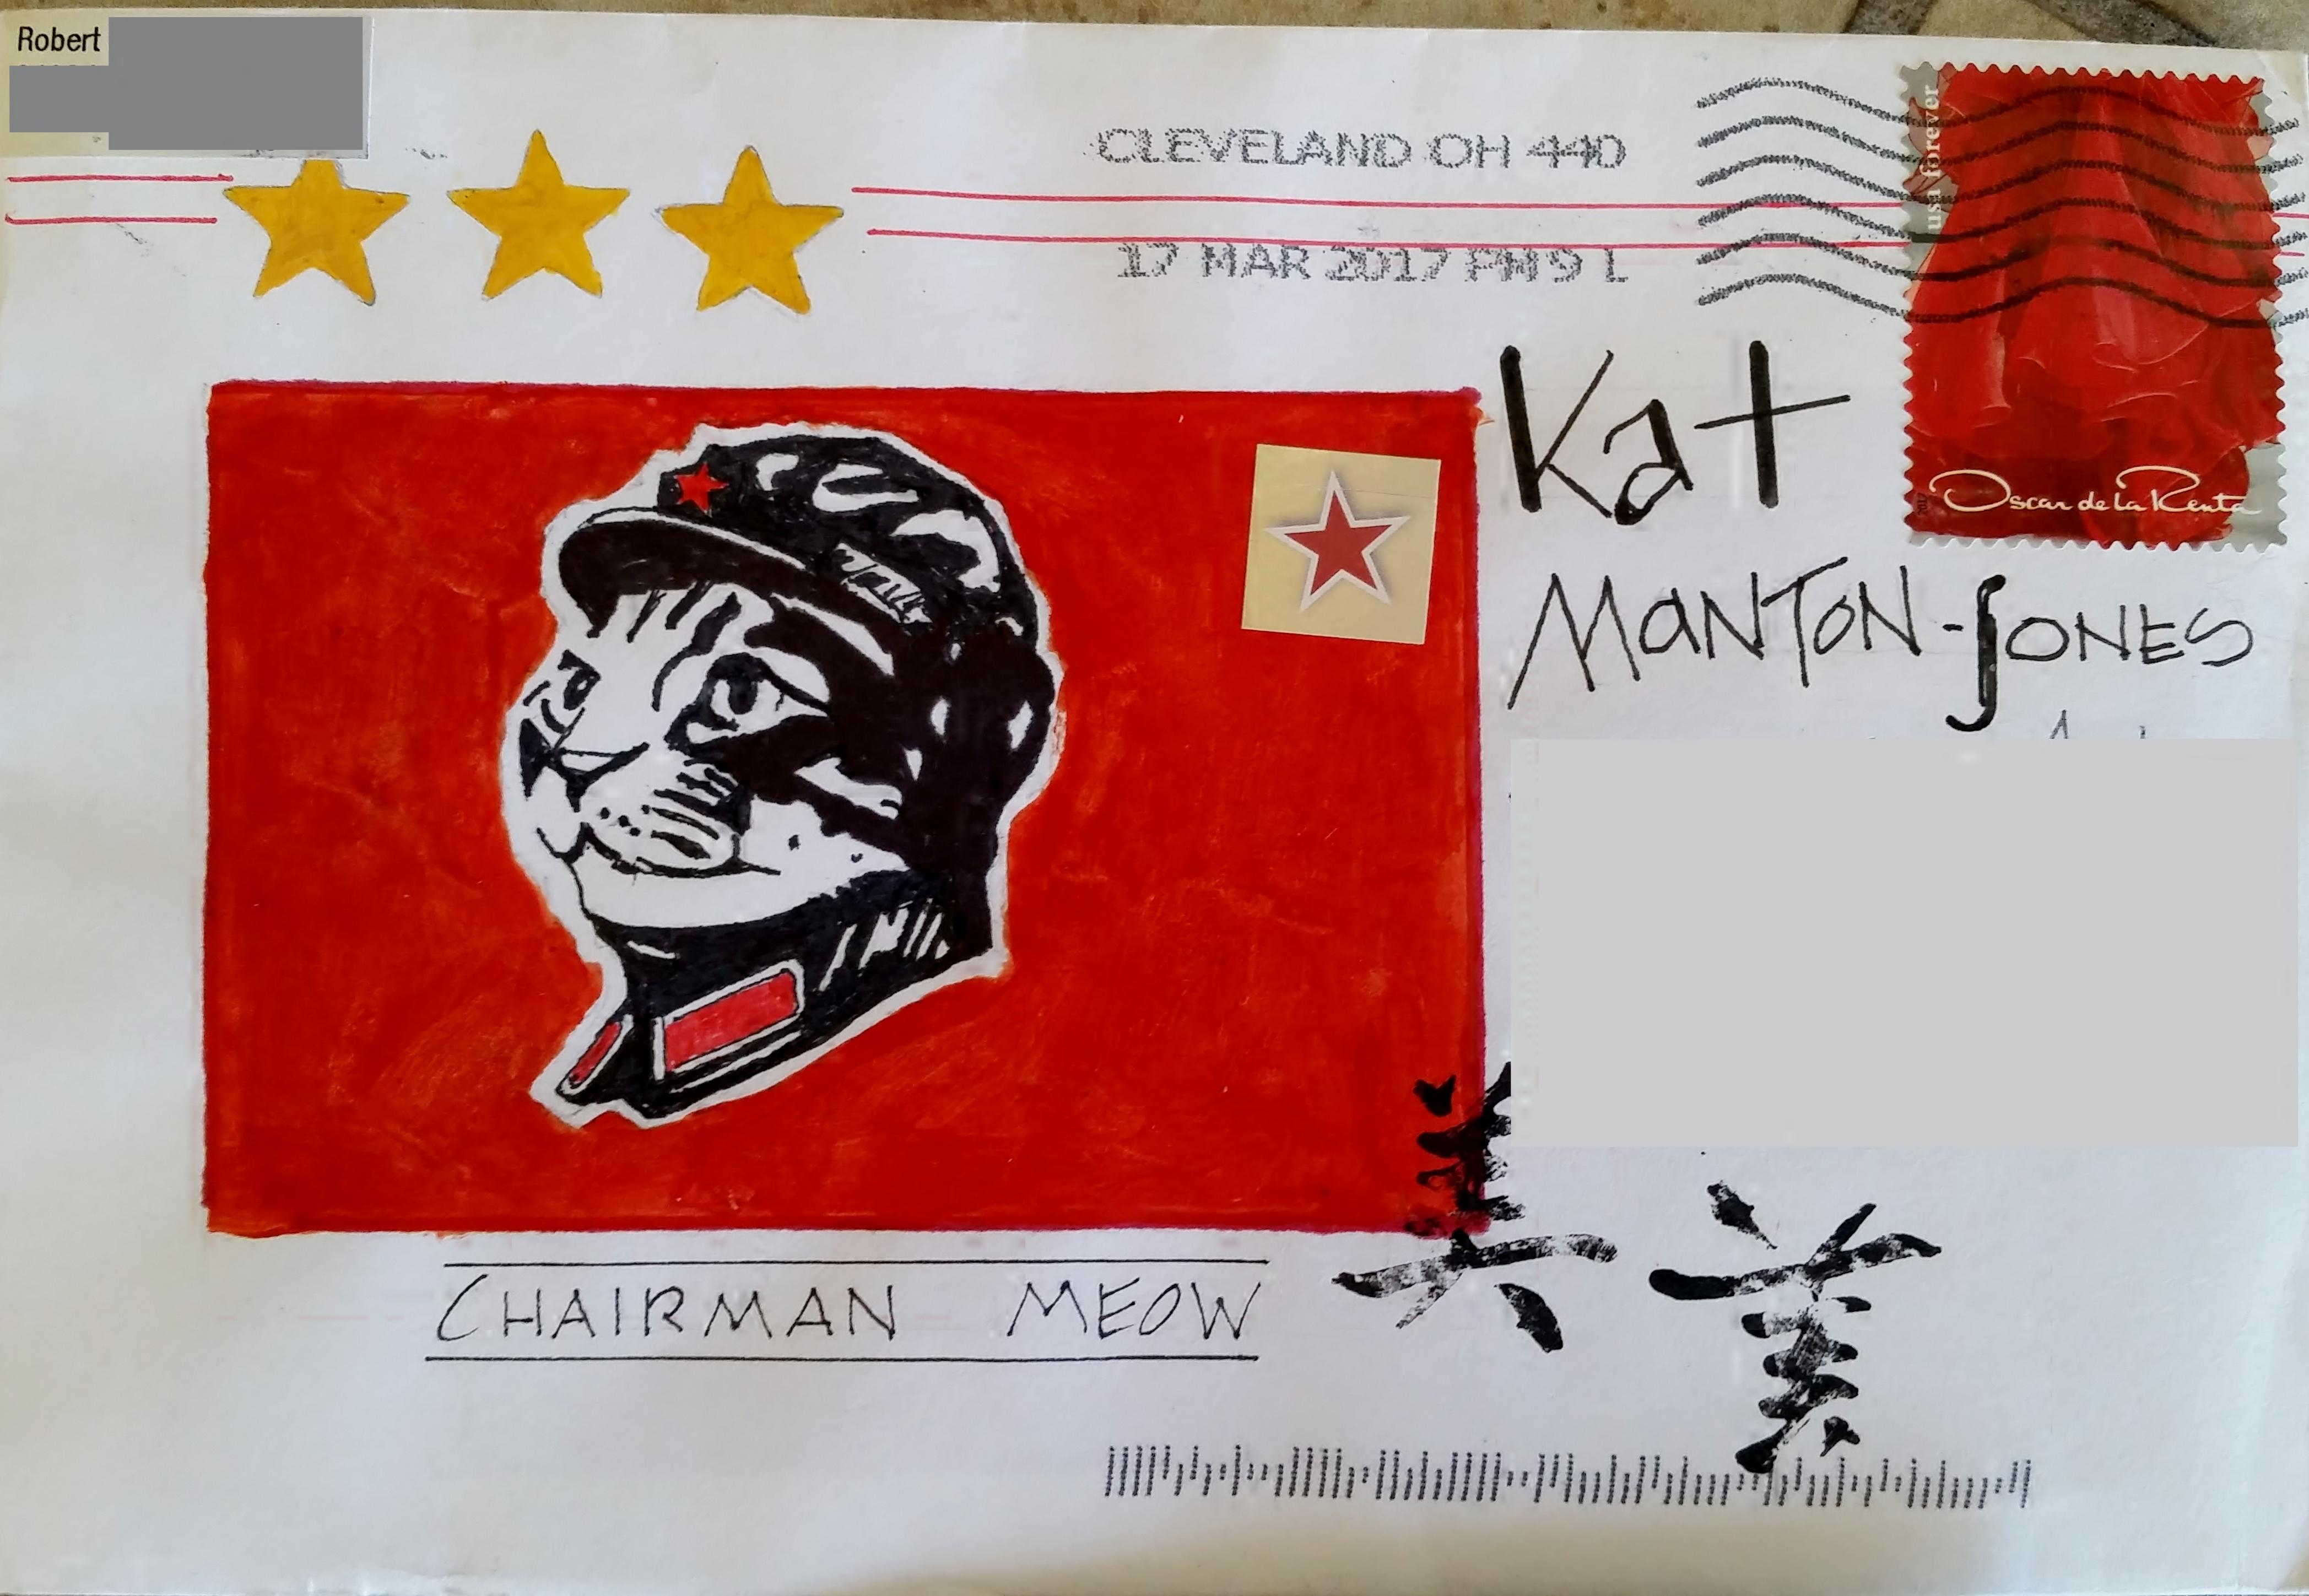 20170507_Mail Art Robert S for KatlasJourney